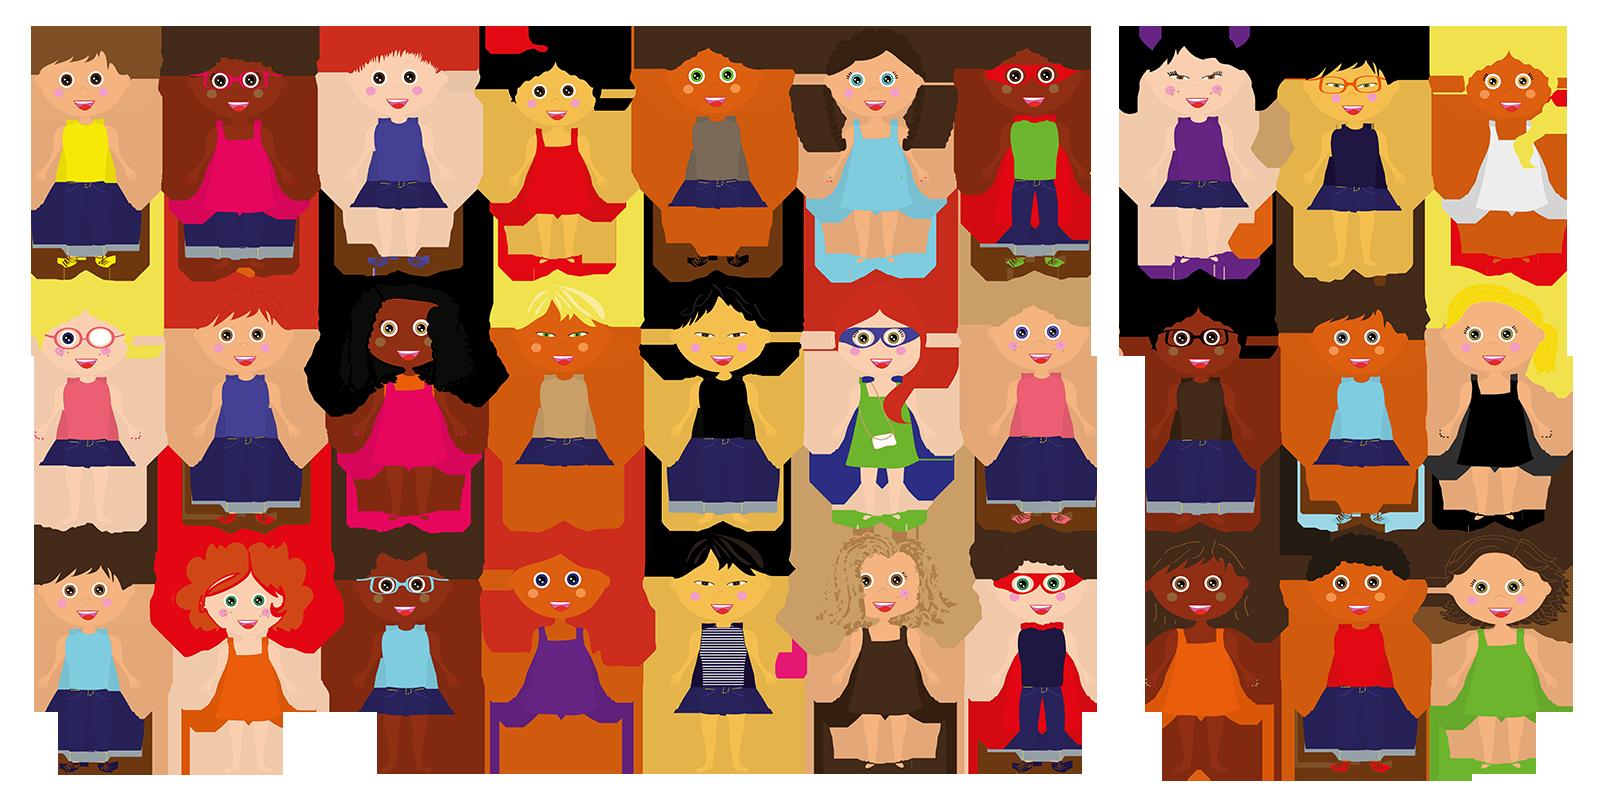 Cuento personalizado - Múltiples combinaciones de avatares personalizados